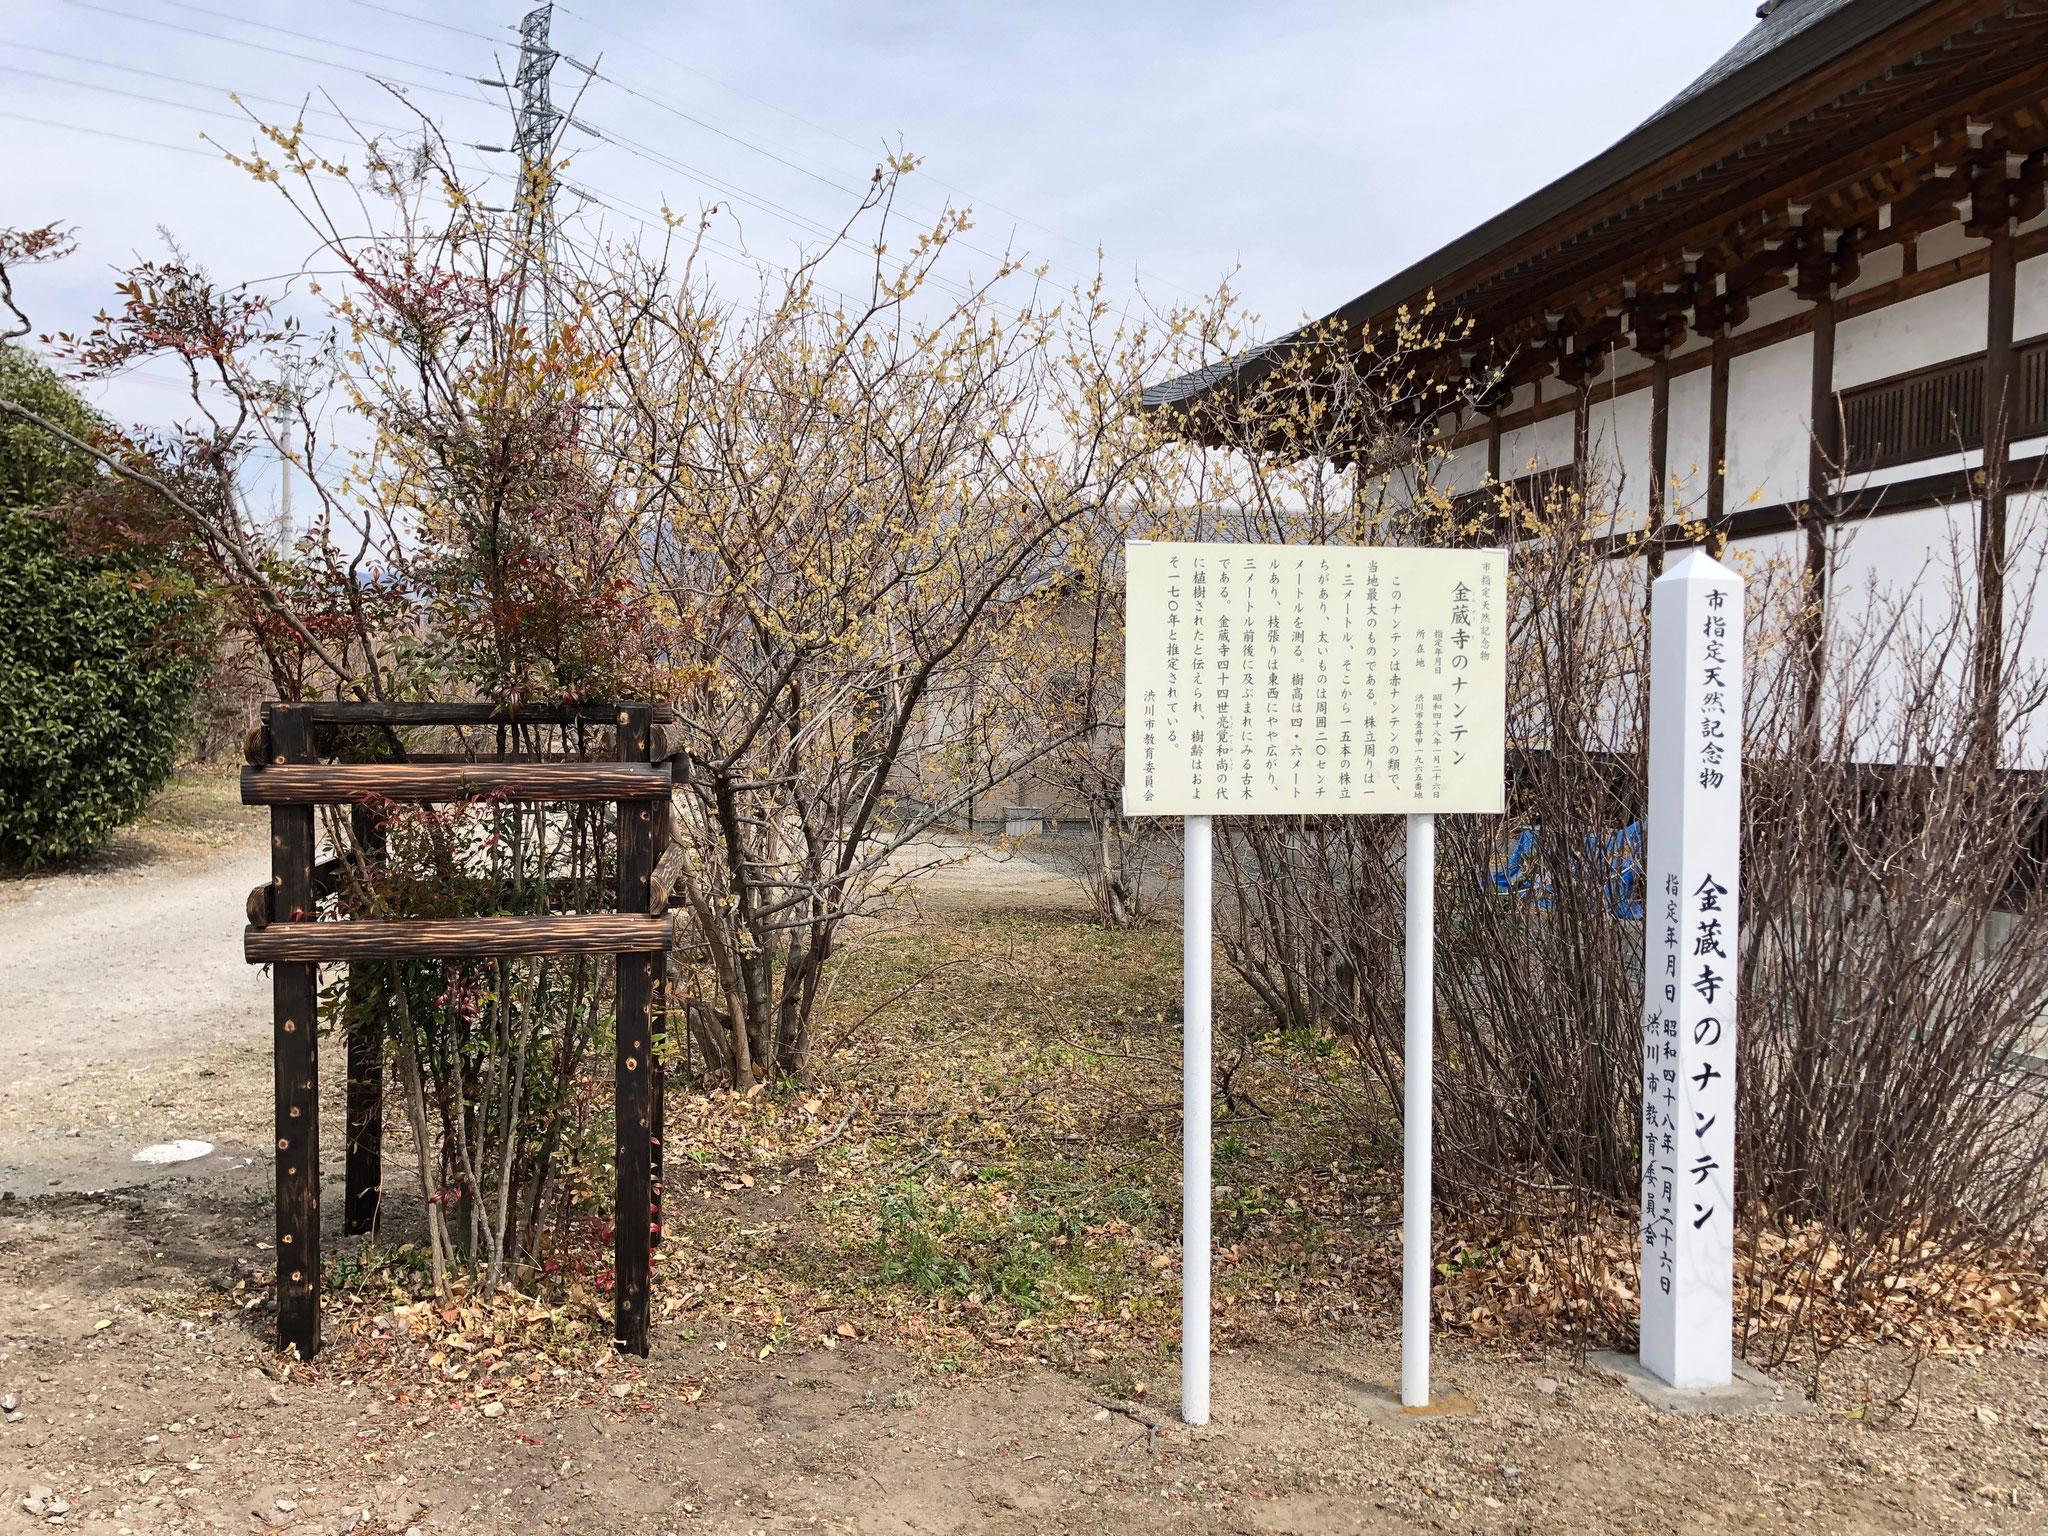 渋川市指定の天然記念物 金蔵寺のナンテン